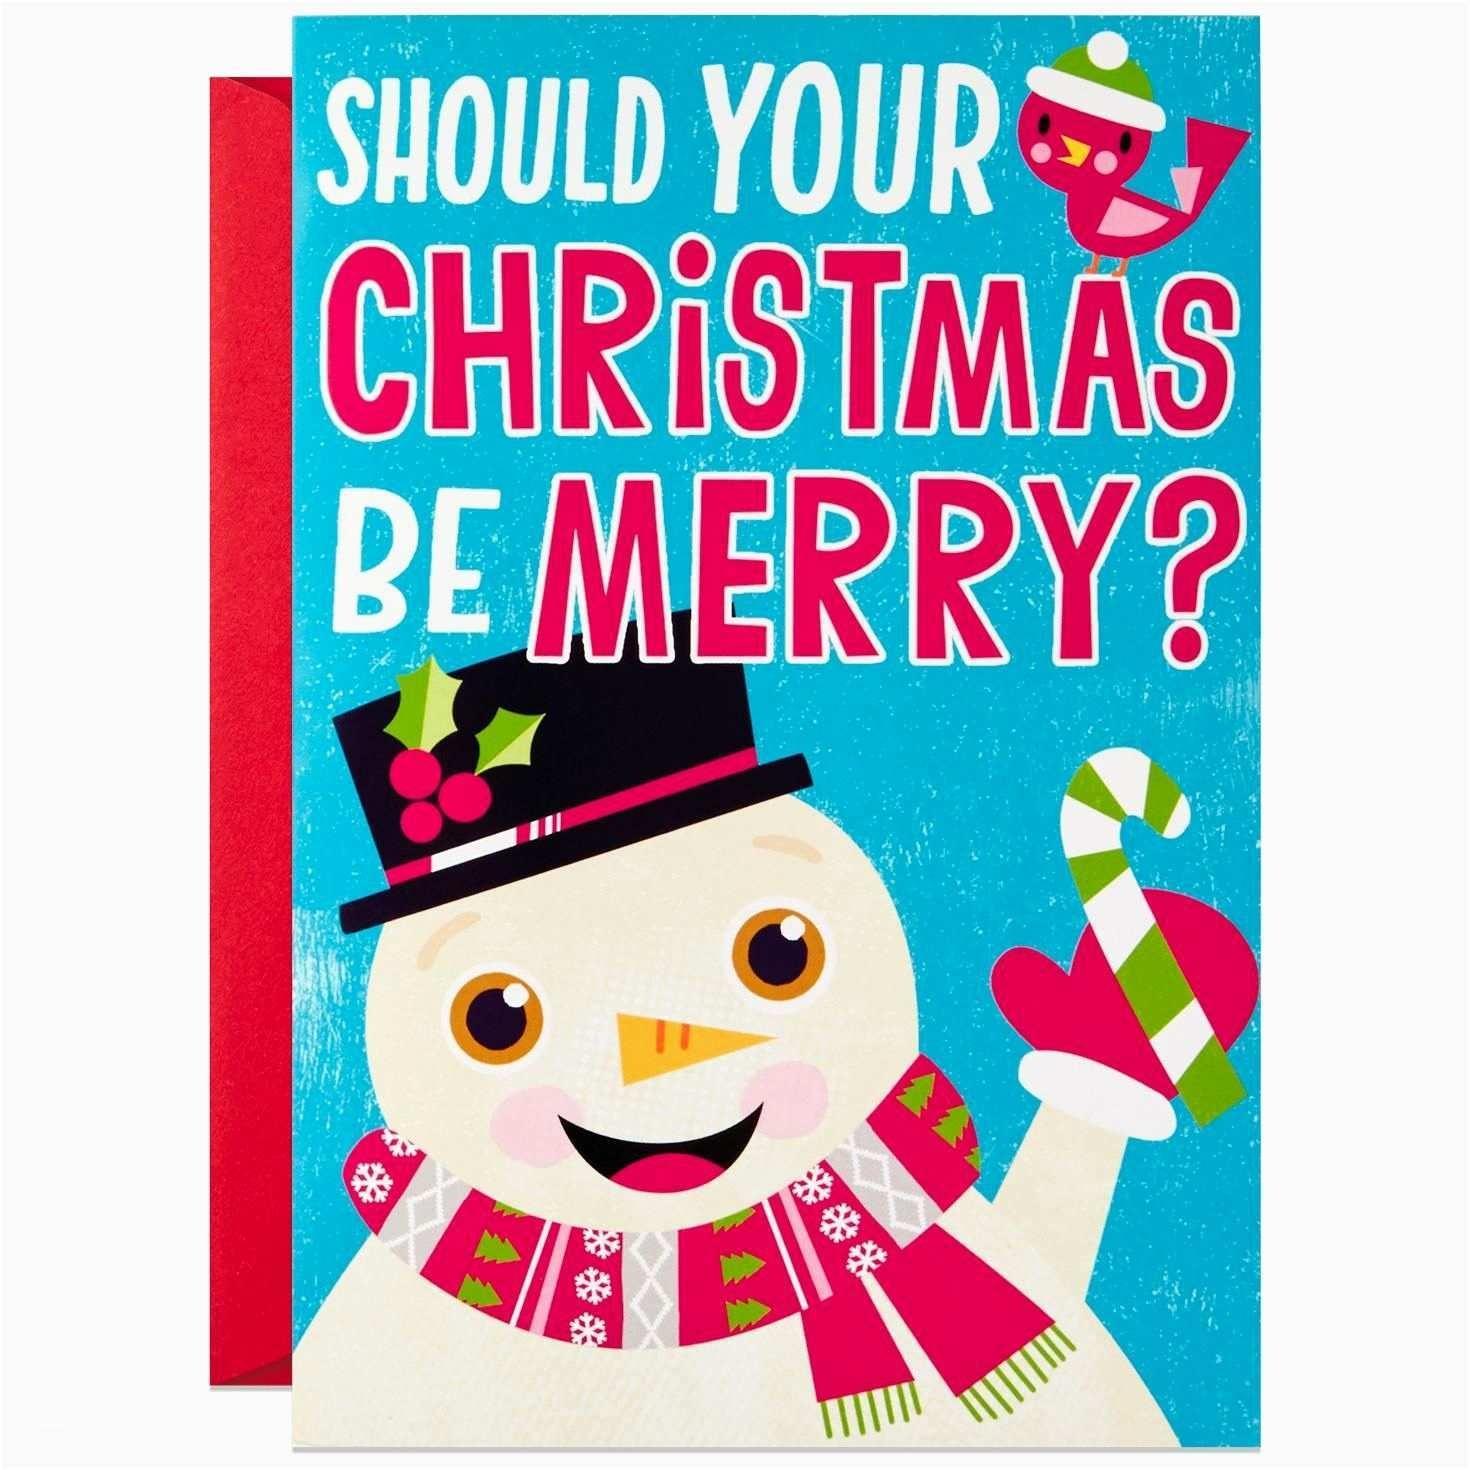 Free Hallmark Christmas Cards Printable – Festival Collections - Free Hallmark Christmas Cards Printable